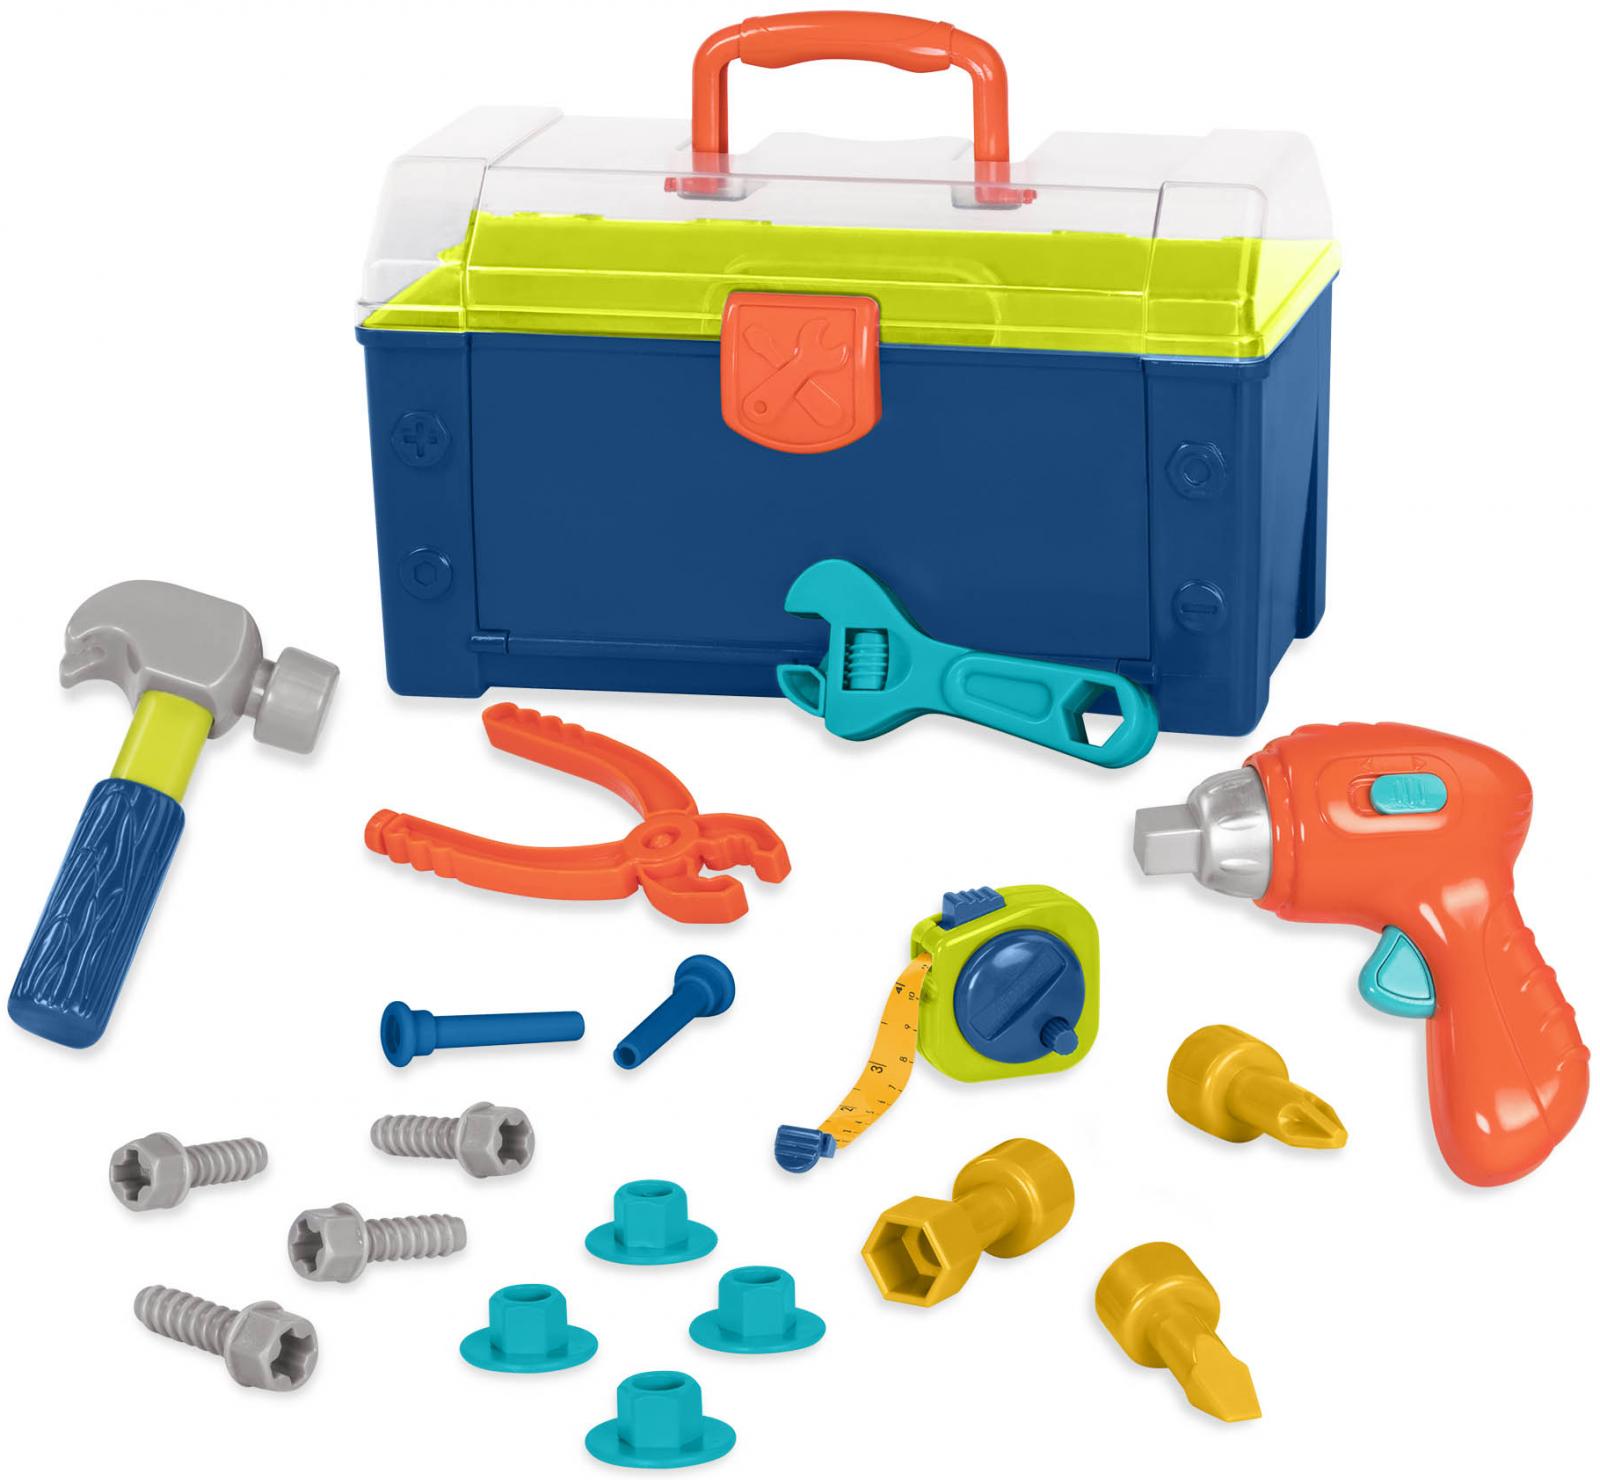 B-Toys Sada nářadí v kufříku Busy Builder